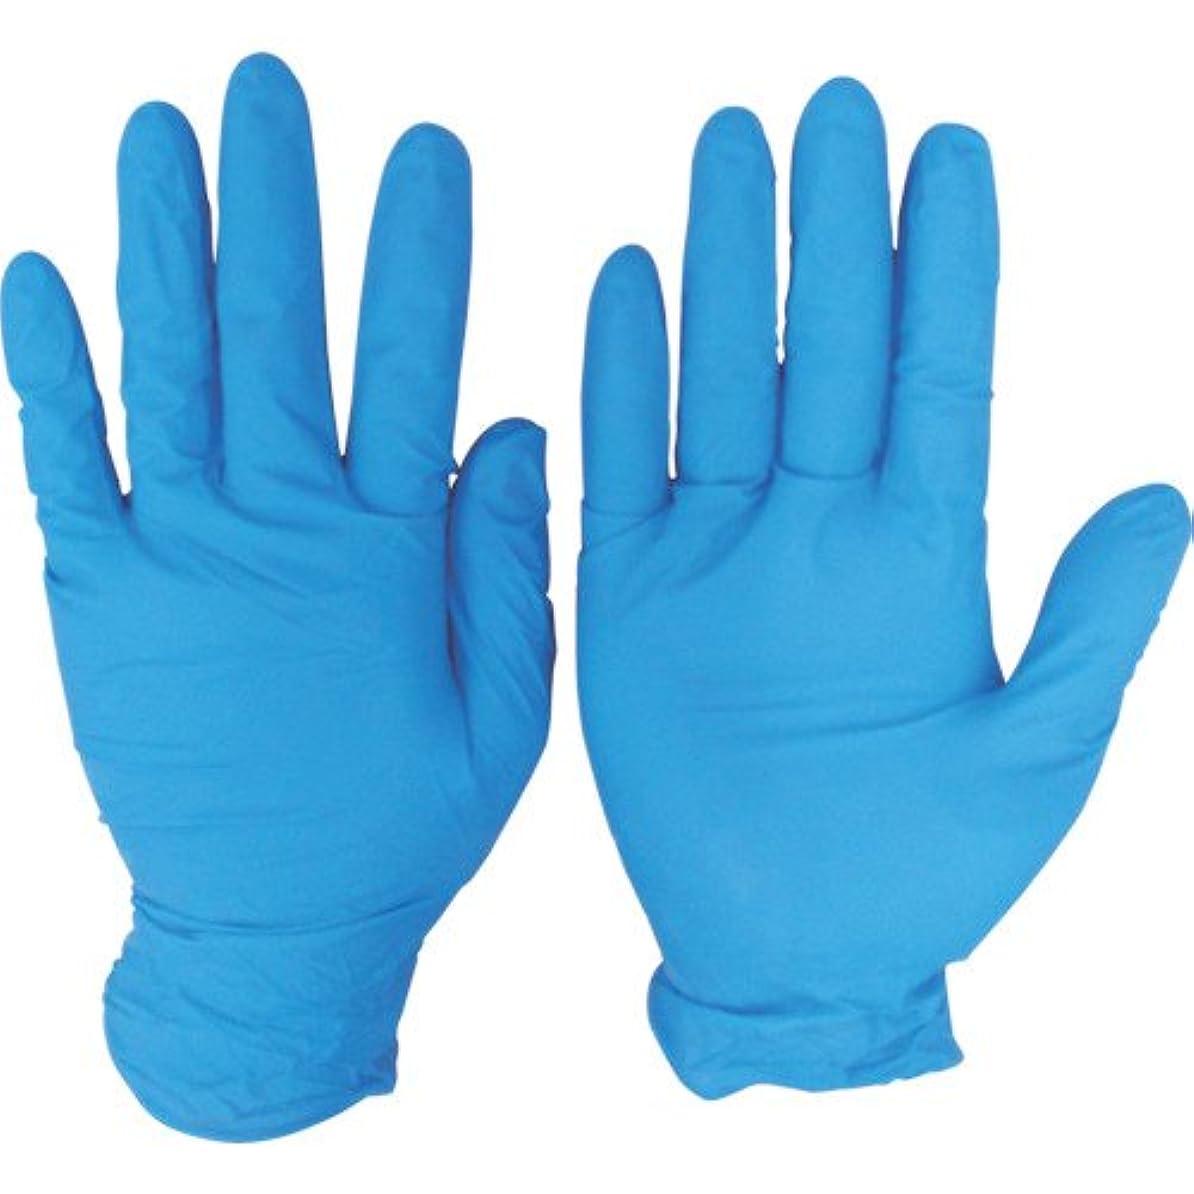 インレイ洞察力のあるブレイズシンガー ニトリルディスポグローブ(手袋) No.810 ブルー パウダーフリー(100枚) M